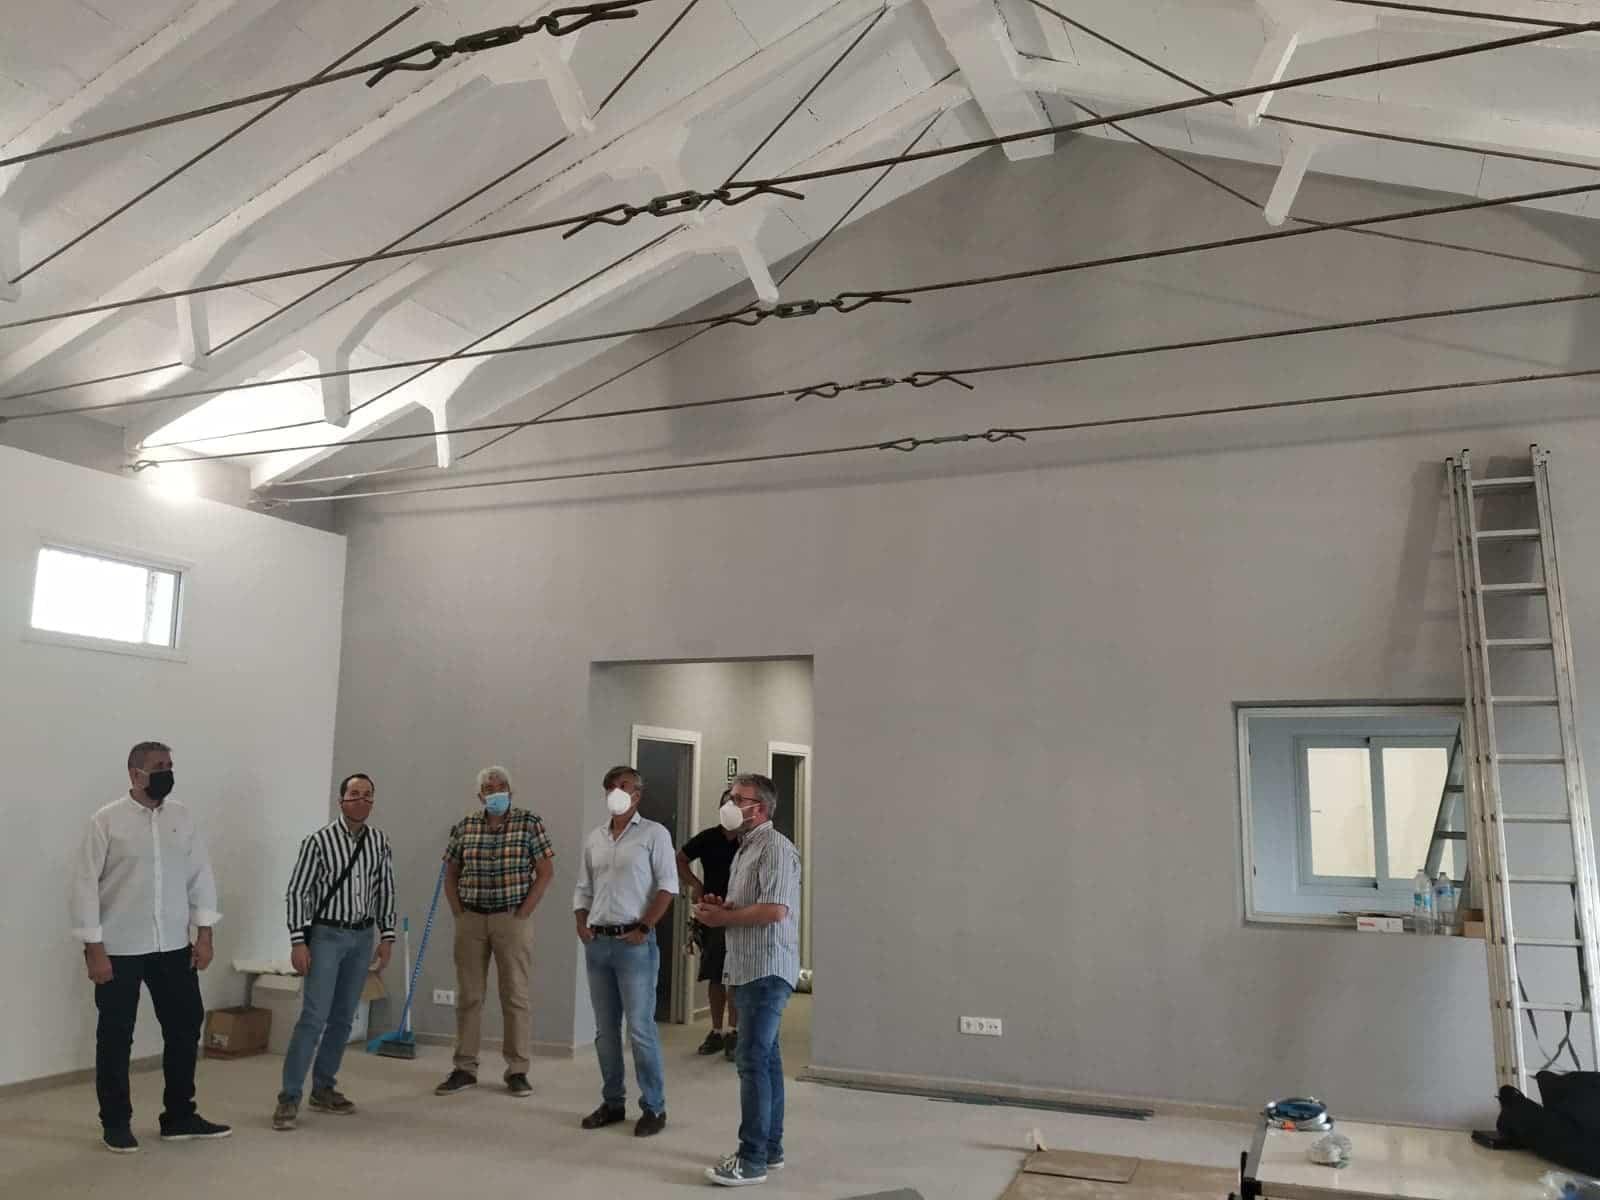 obras en silo herencia quesalia - El Centro de Interpretación del Queso herenciano abrirá en próximo año